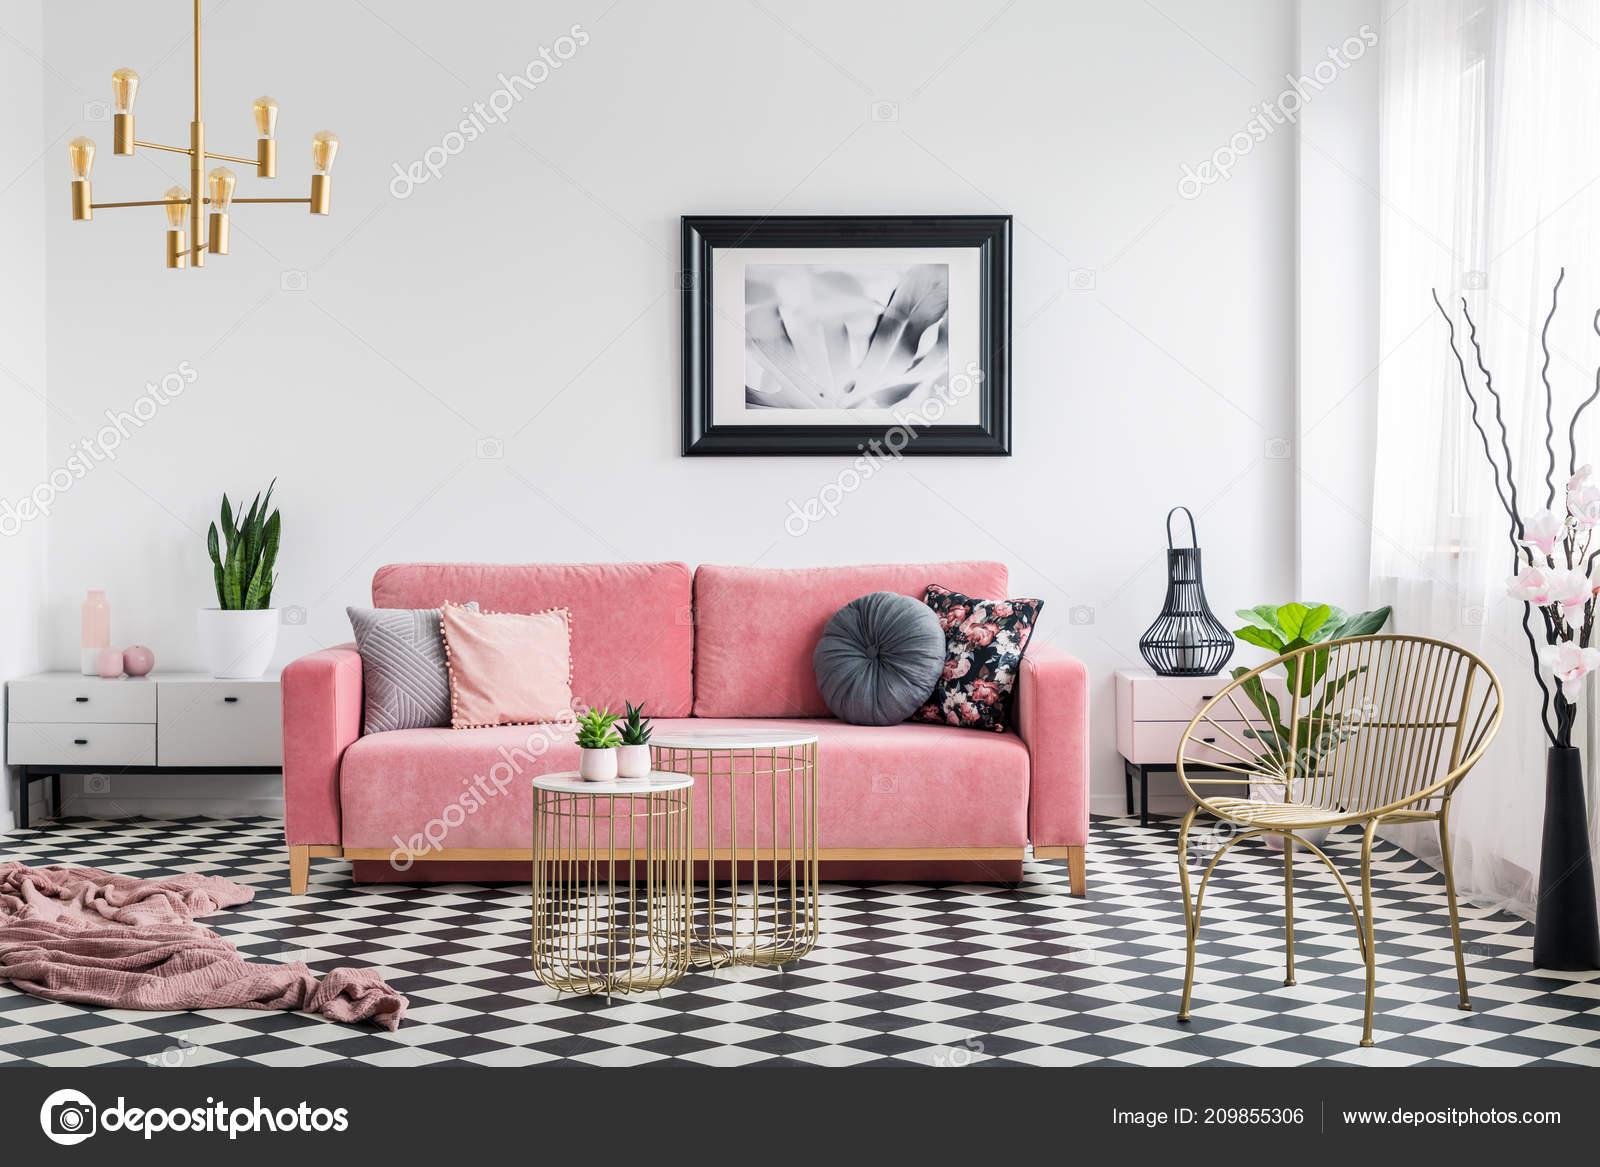 Divano Rosa Cipria : Foto reale interiore del salone glamour con divano rosa cipria